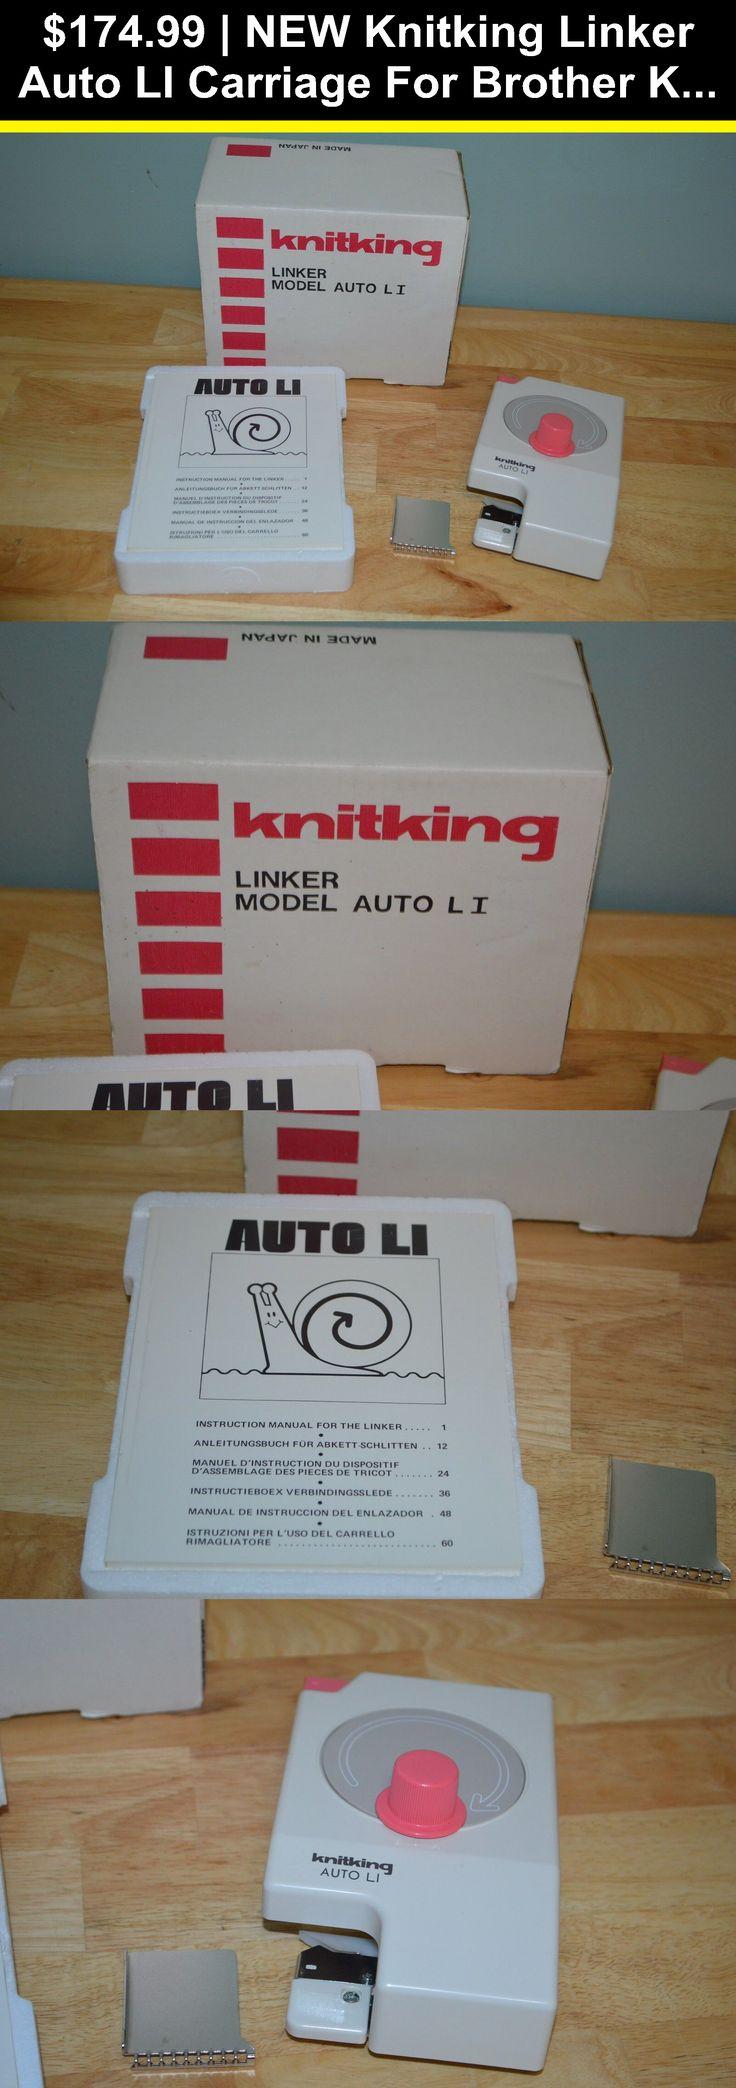 Machine Knitting 146370: New Knitking Linker Auto Li ...